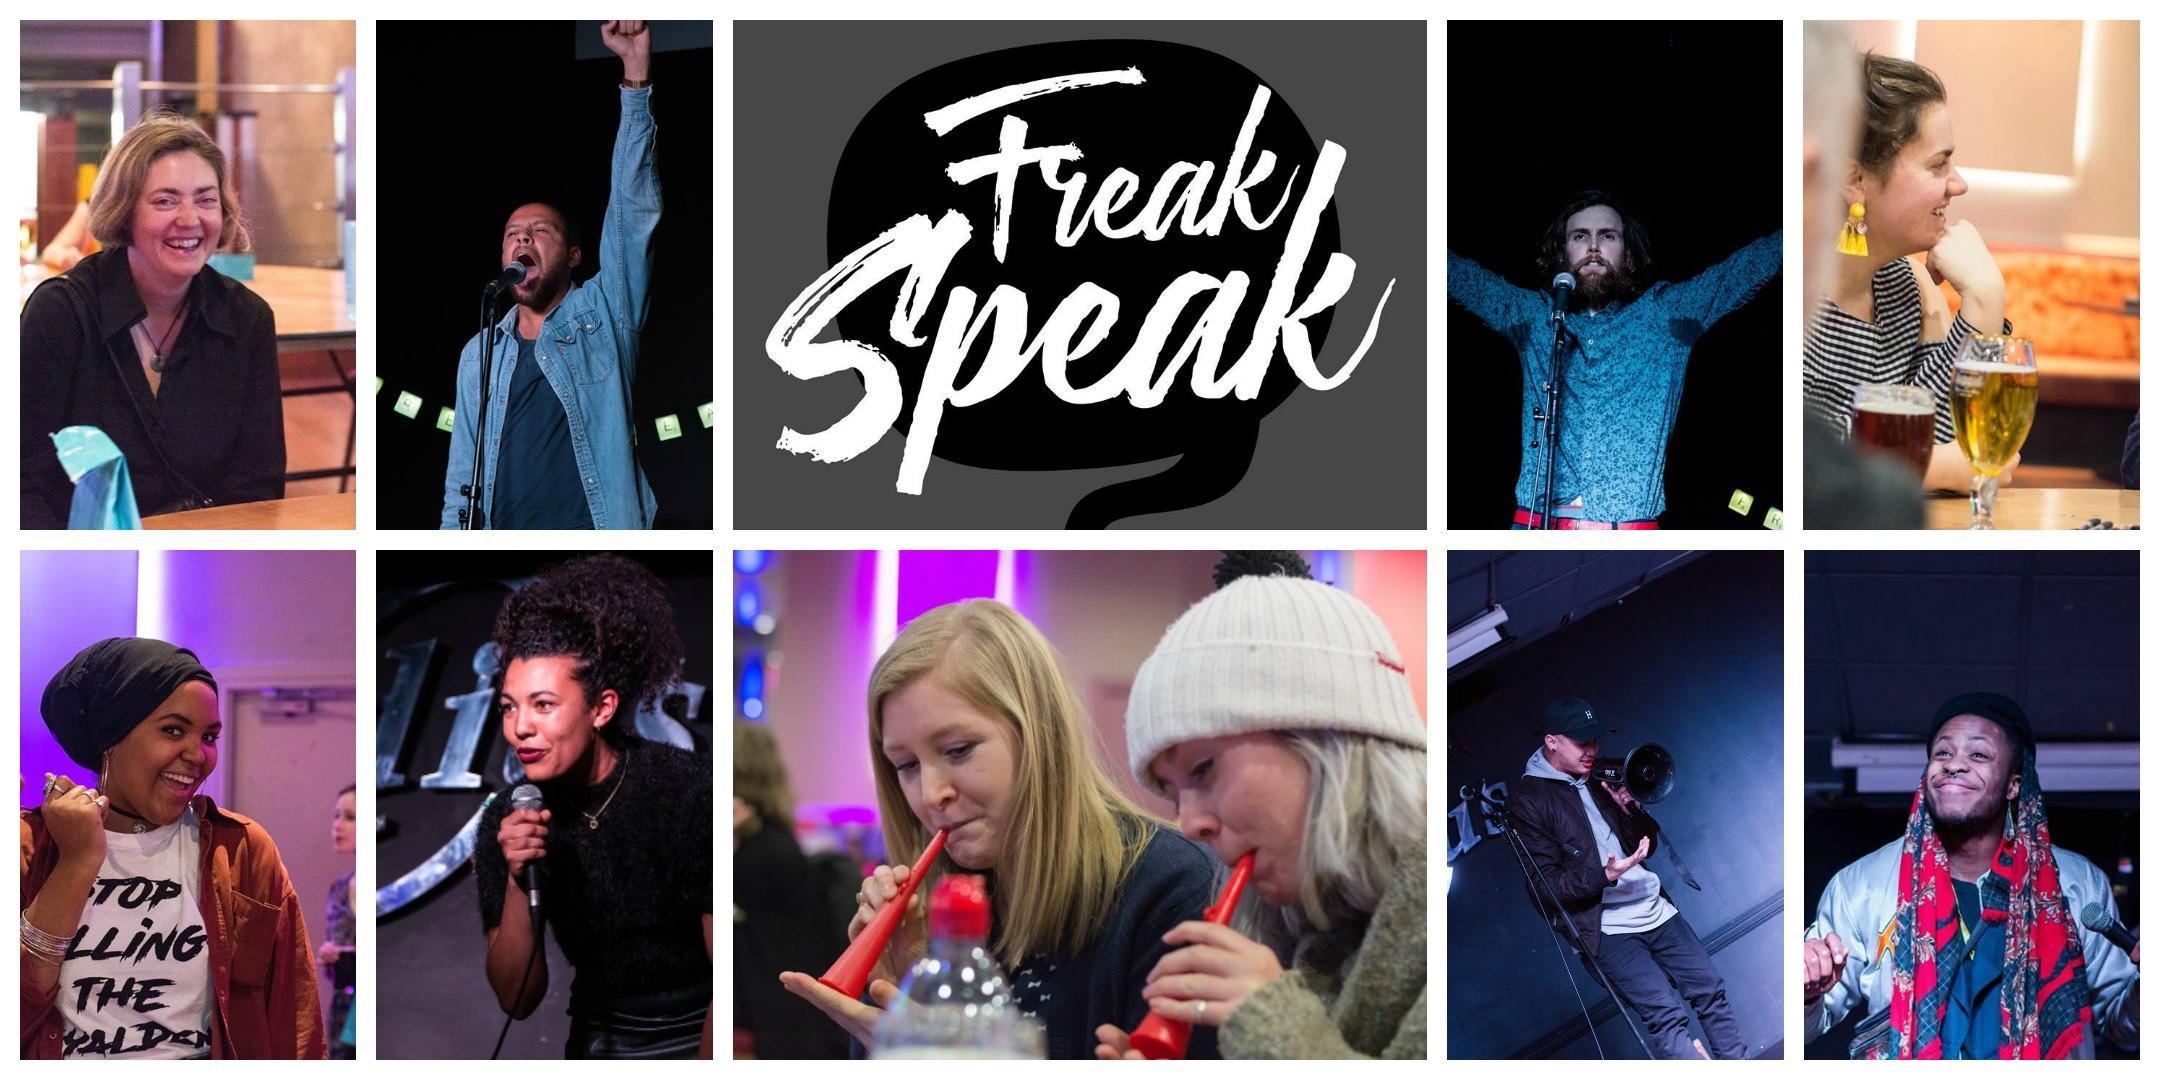 Freak Speak Launch Party